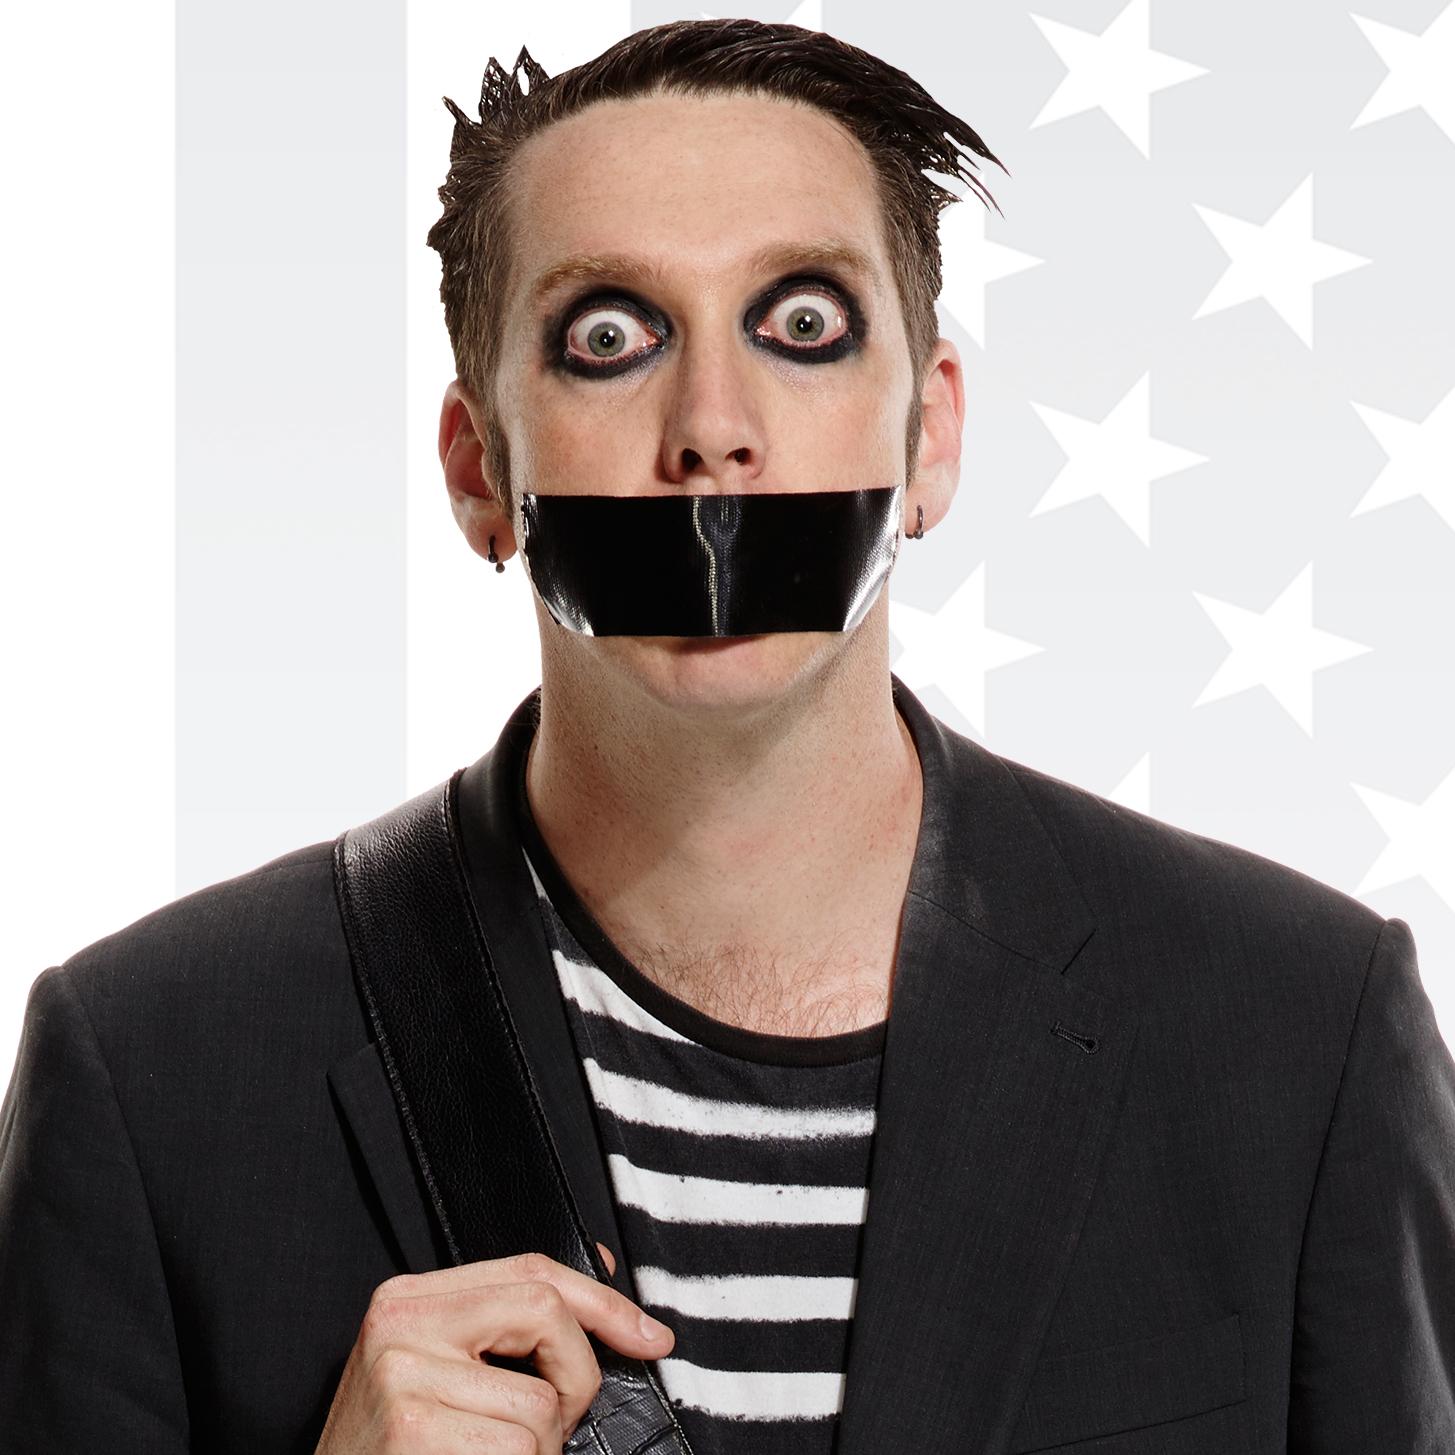 Tape Face - NBC.com